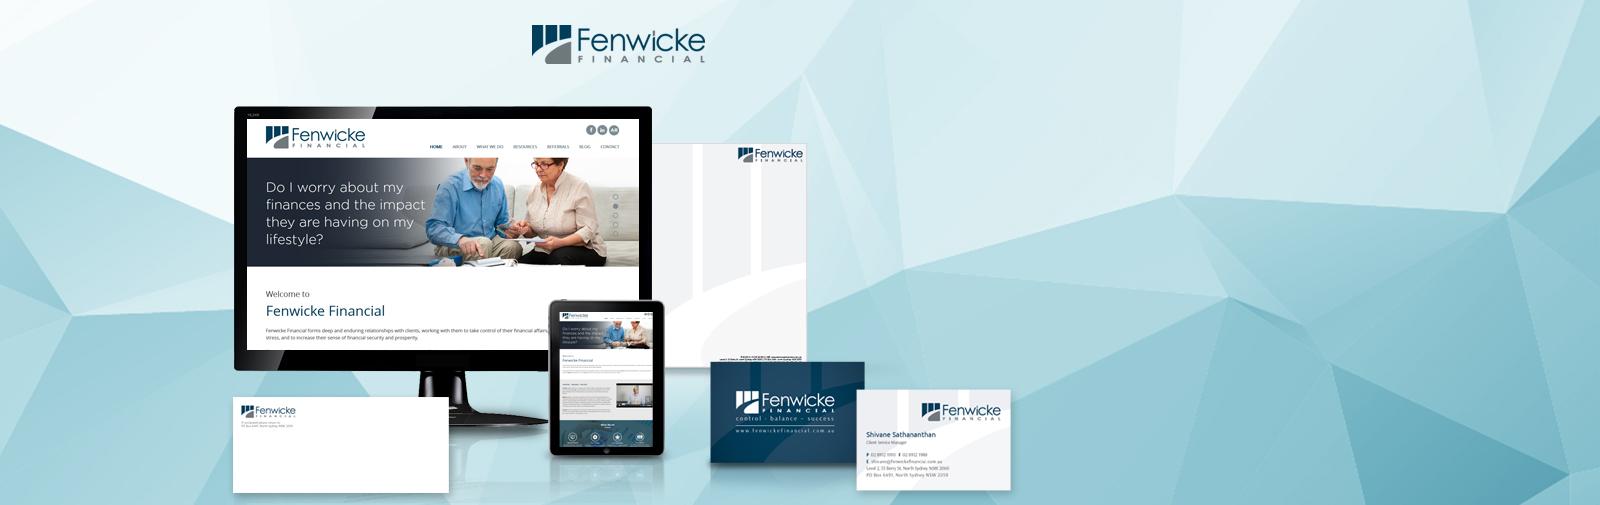 Fenwicke-Financial_1